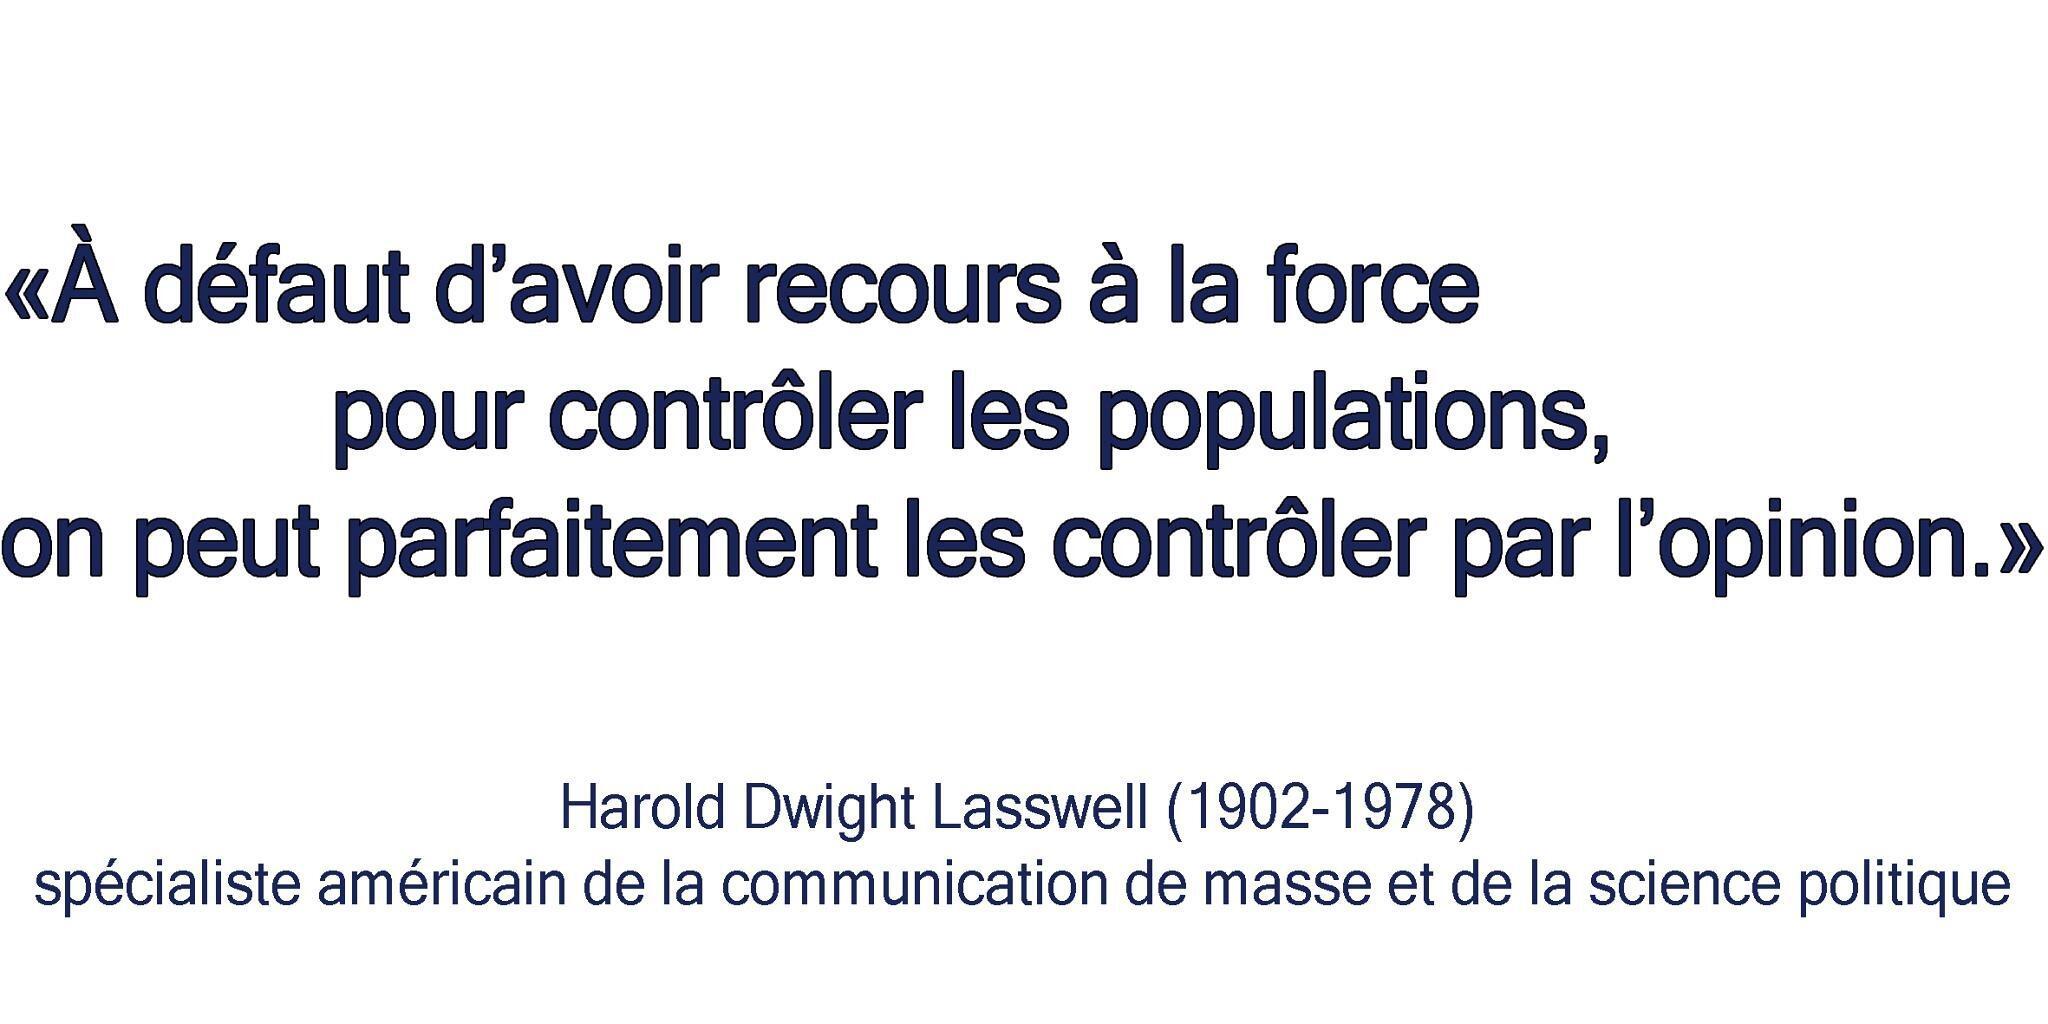 A défault d'avoir recours à la force pour contrôler les populations, on peut parfaitement les contrôler par l'opinion.